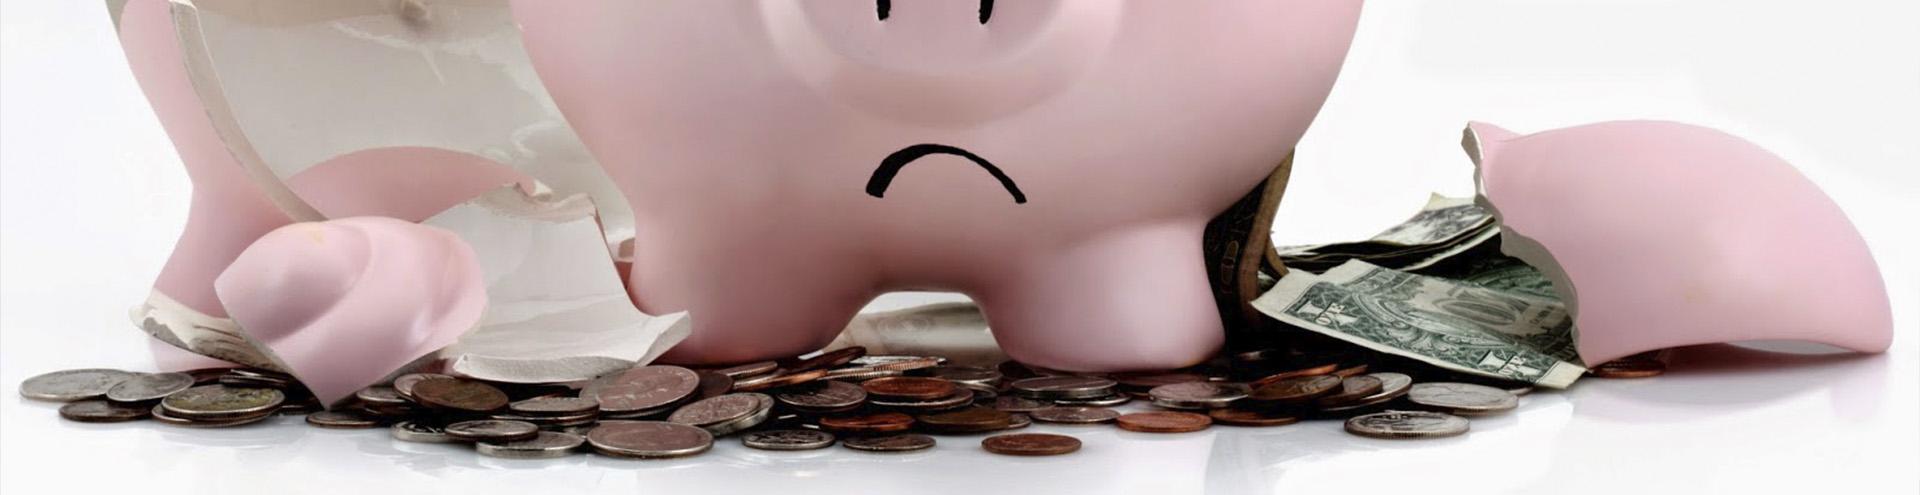 банкротство банка в Челябинске и Челябинской области